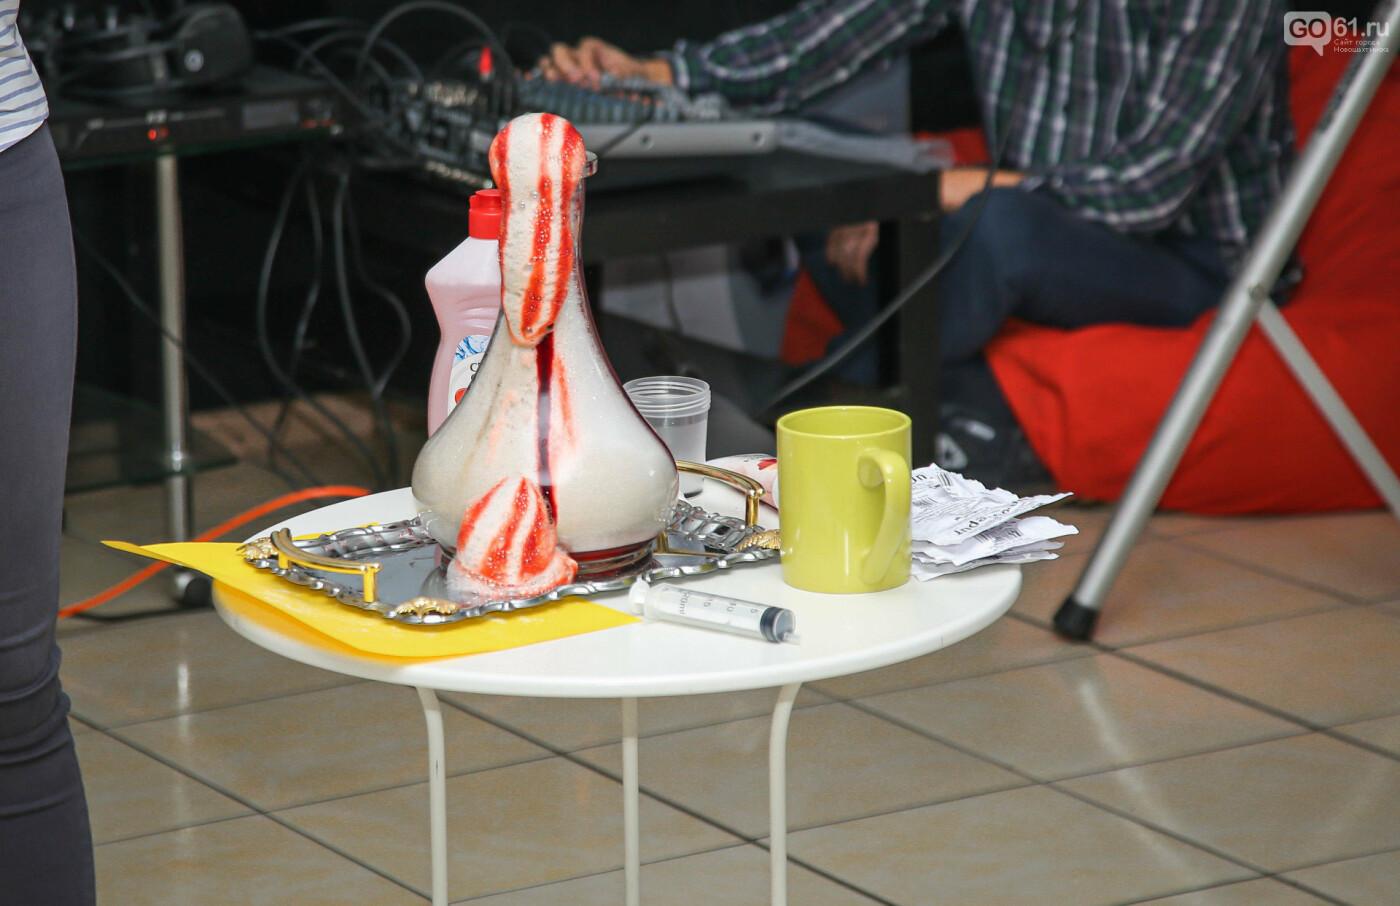 """В Новошахтинске прошел финал фотоконкурса Мисс """"Зачетная студентка-2019"""", фото-1"""